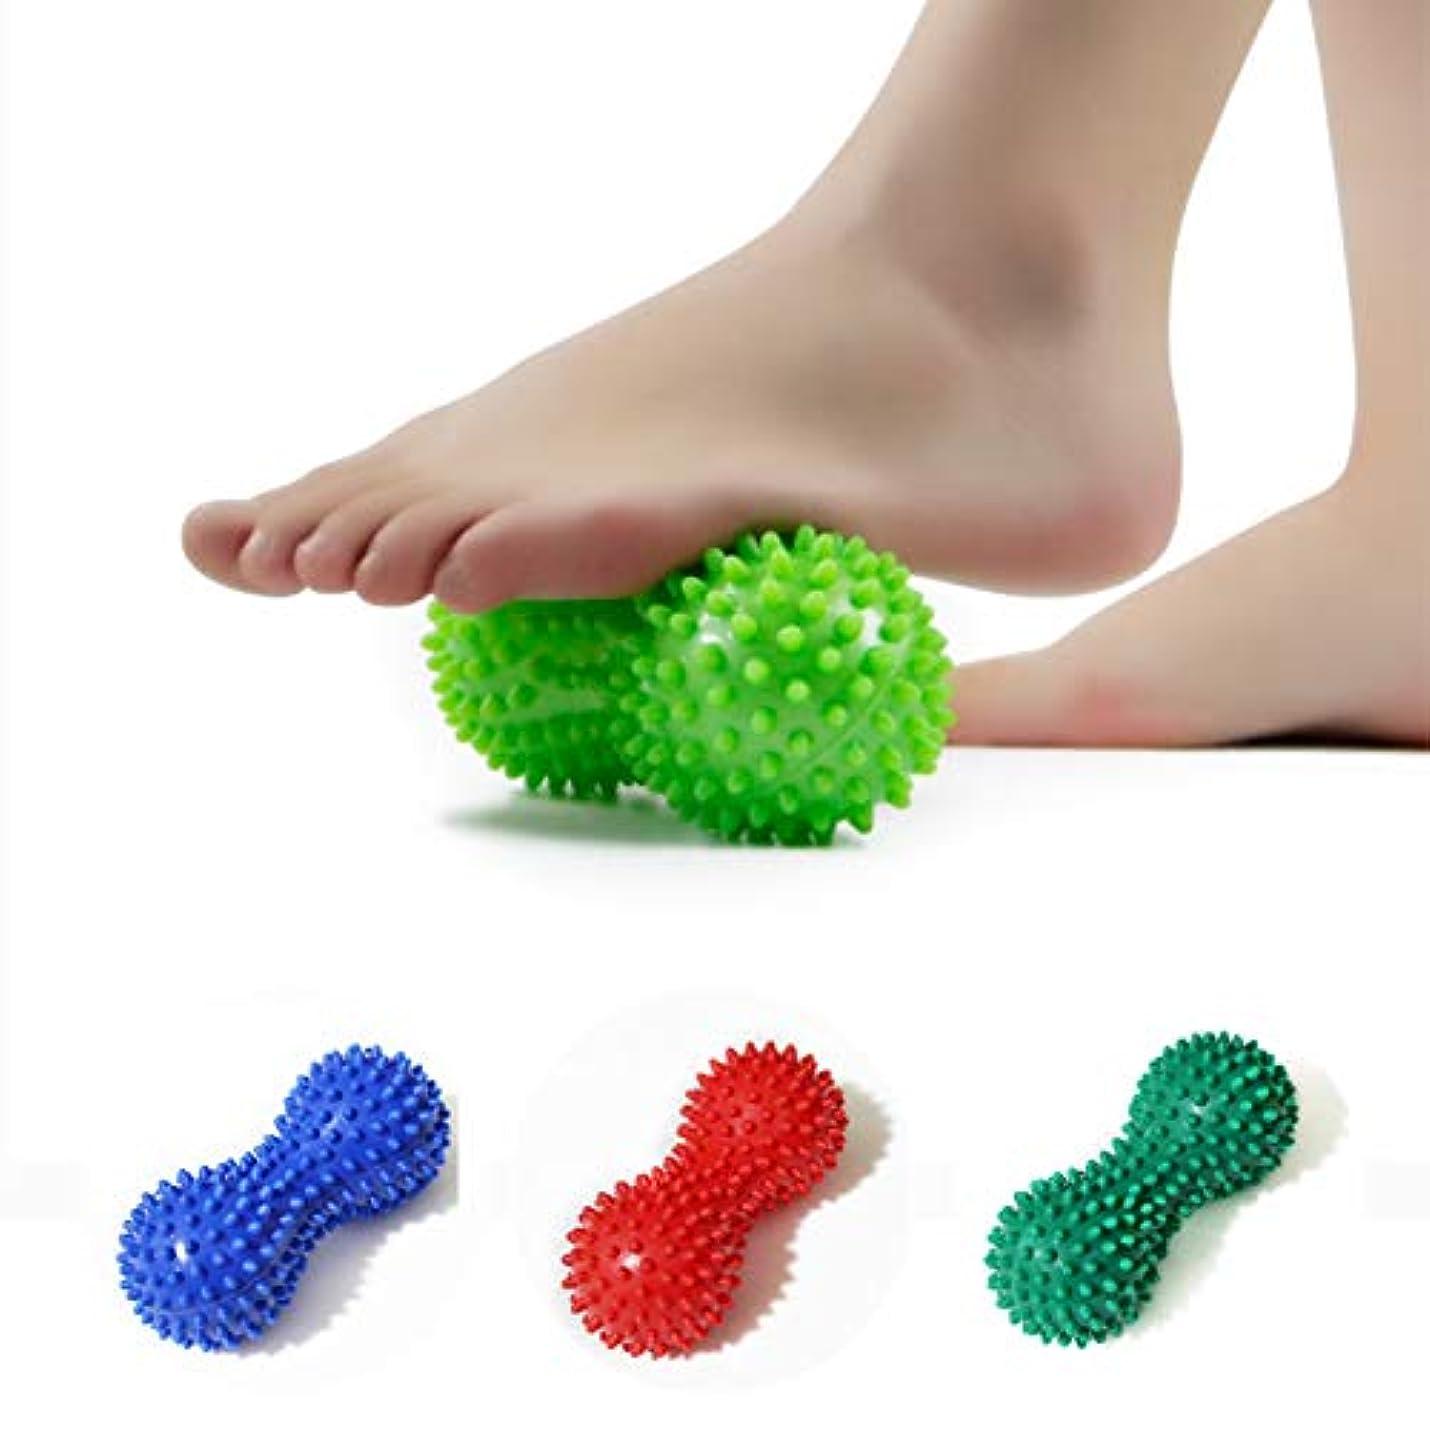 不利益ふさわしい鼓舞するPeanut Shape Massage Yoga Sport Fitness Ball Durable PVC Stress Relief Body Hand Foot Spiky Massager Trigger Point...